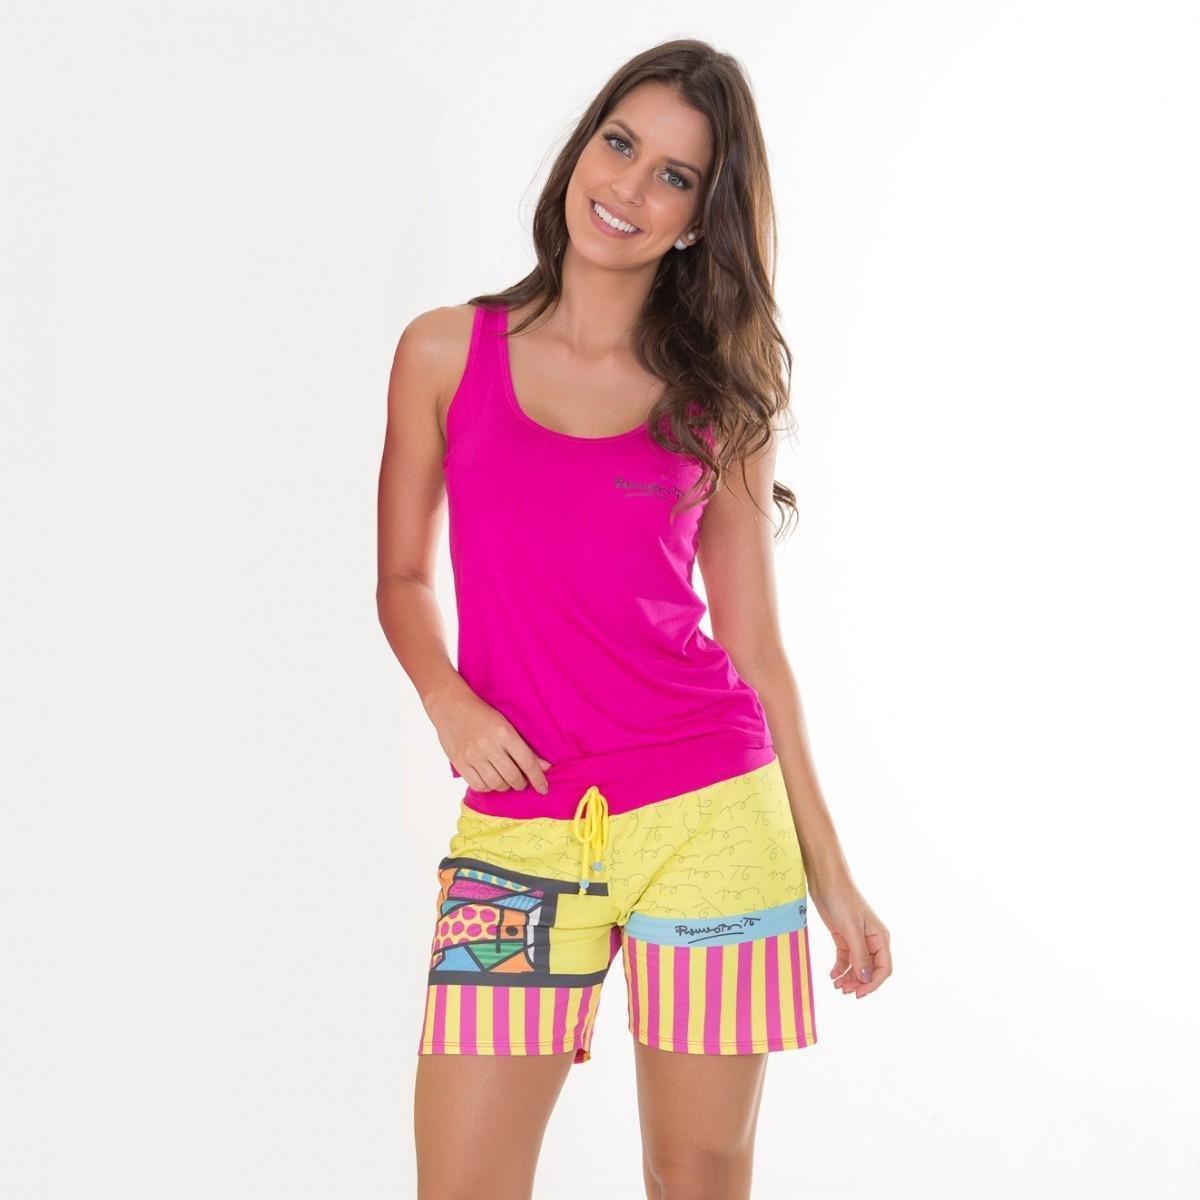 Viscose Regata Viscose Recco Pijama Rosa Regata Recco 08621 Pijama EHwnqRdnWP